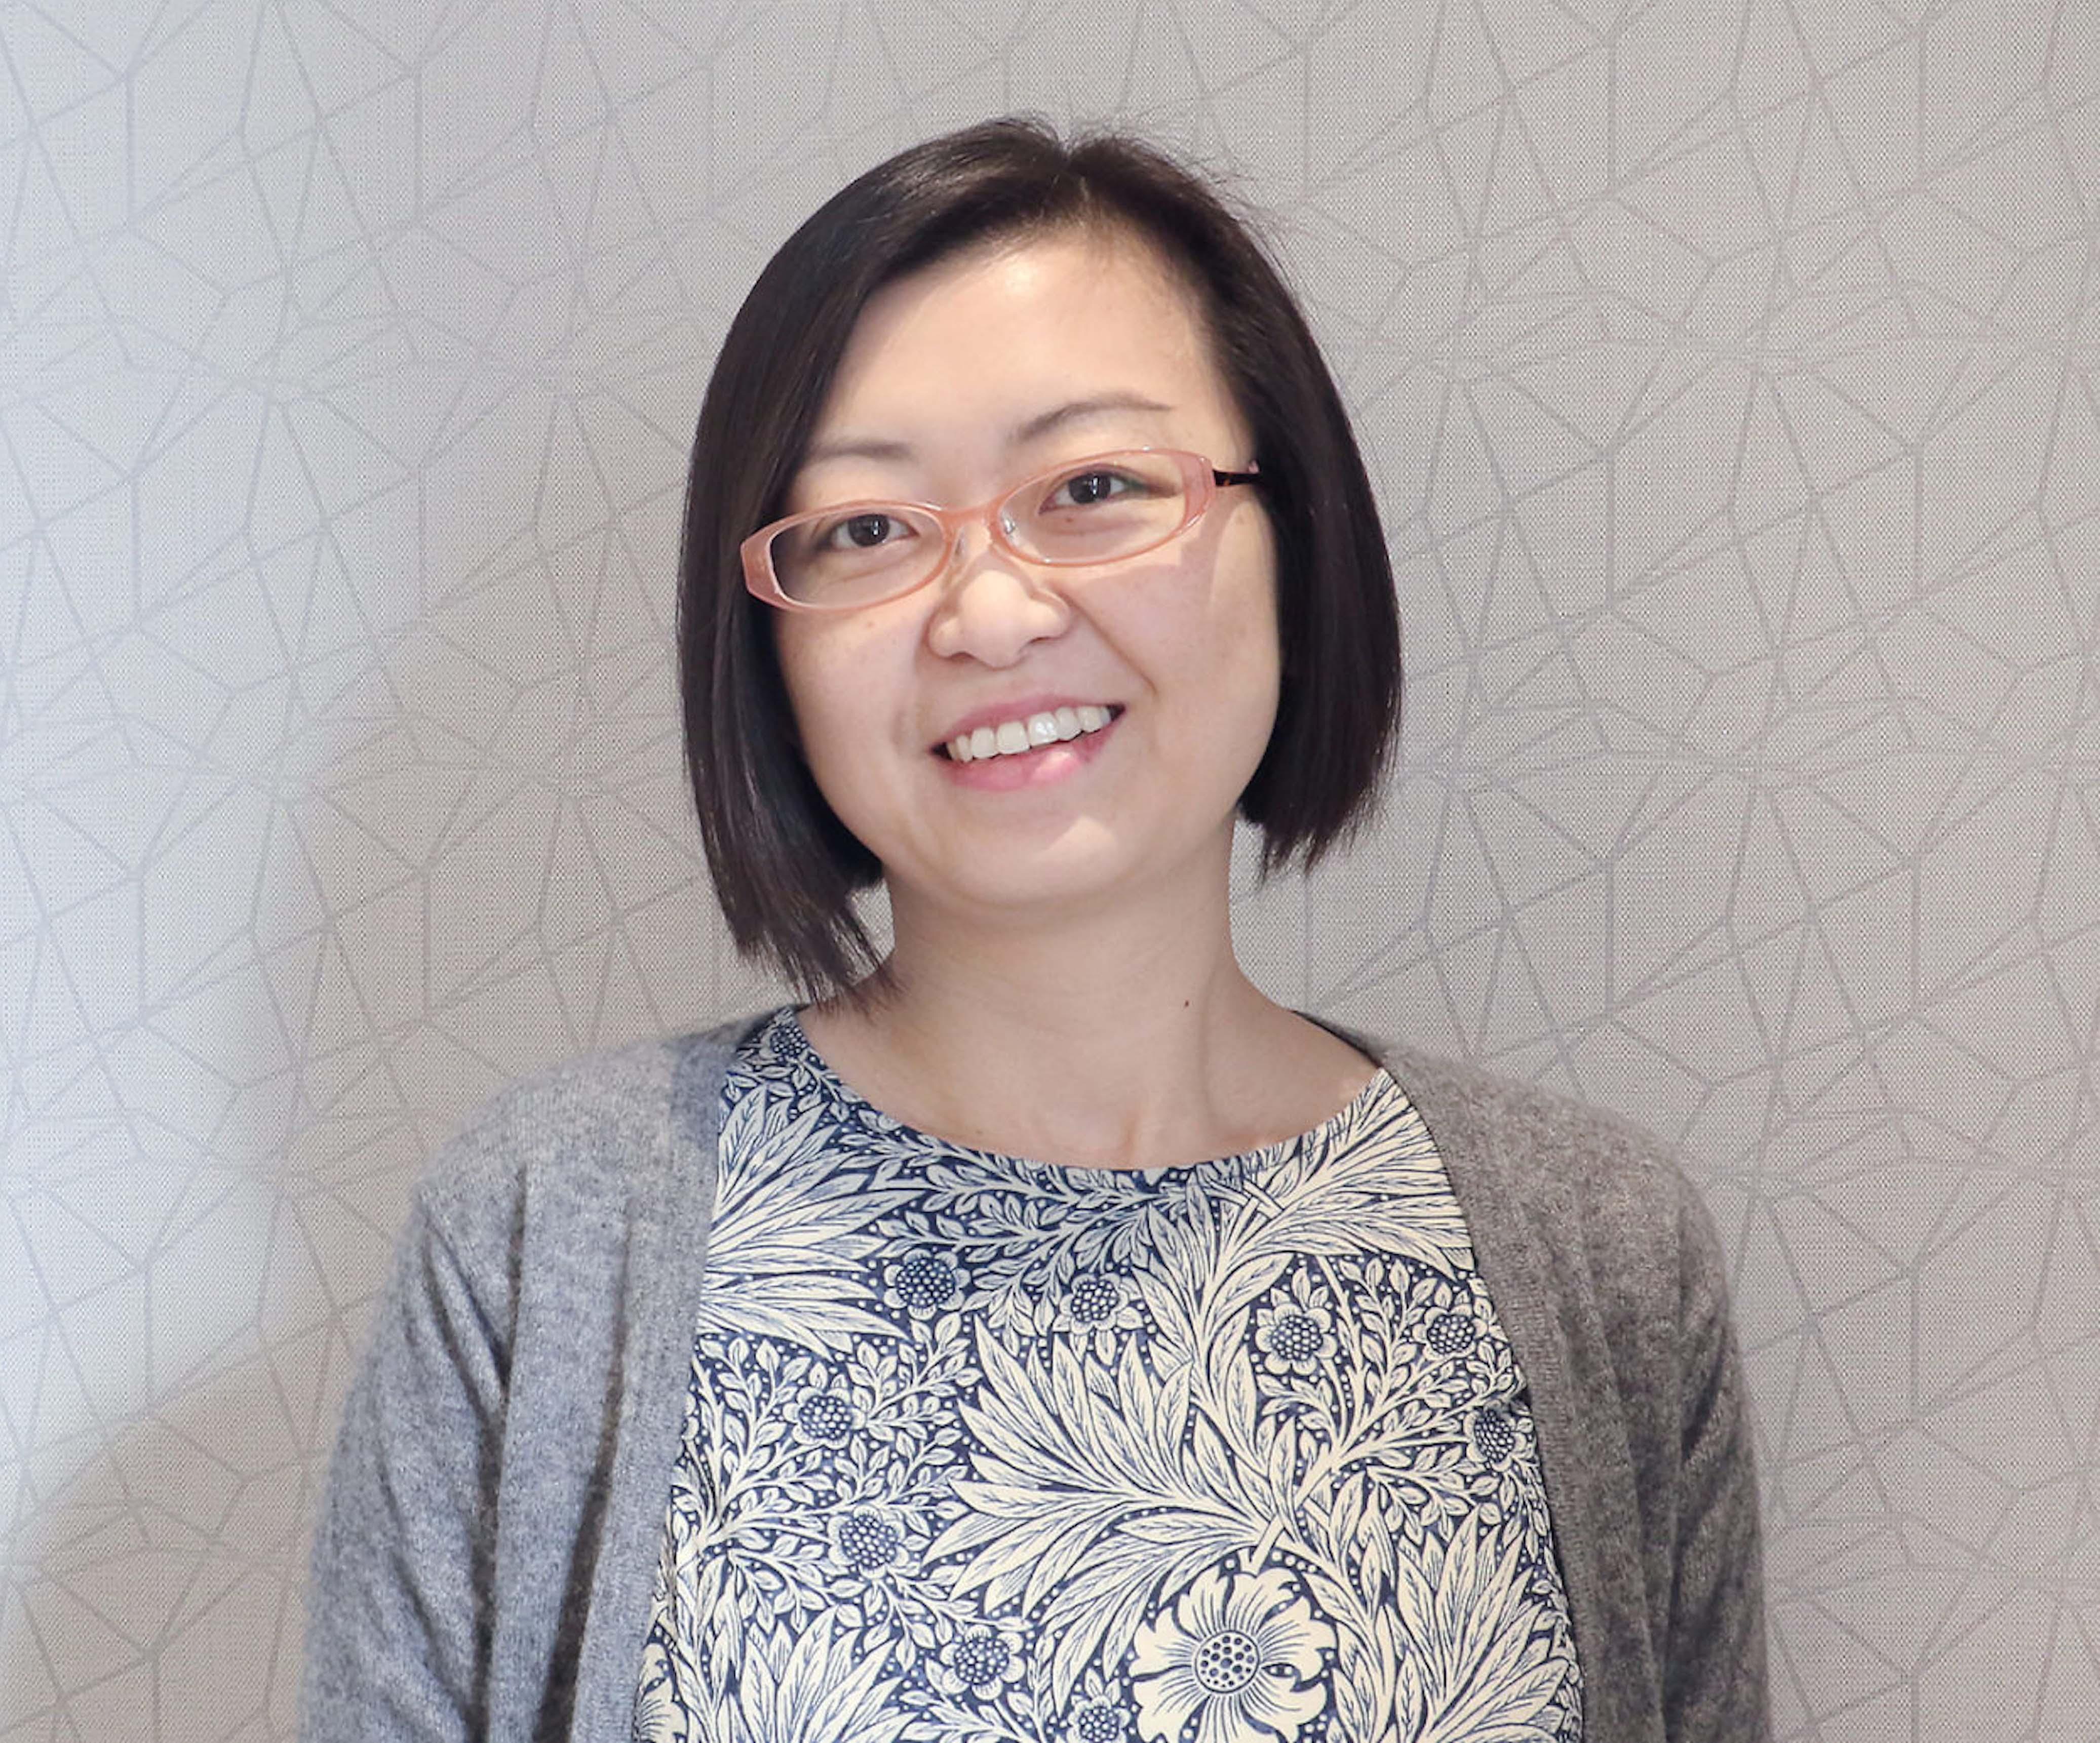 Yuan Li, assistant professor in UNT's Department of Physics